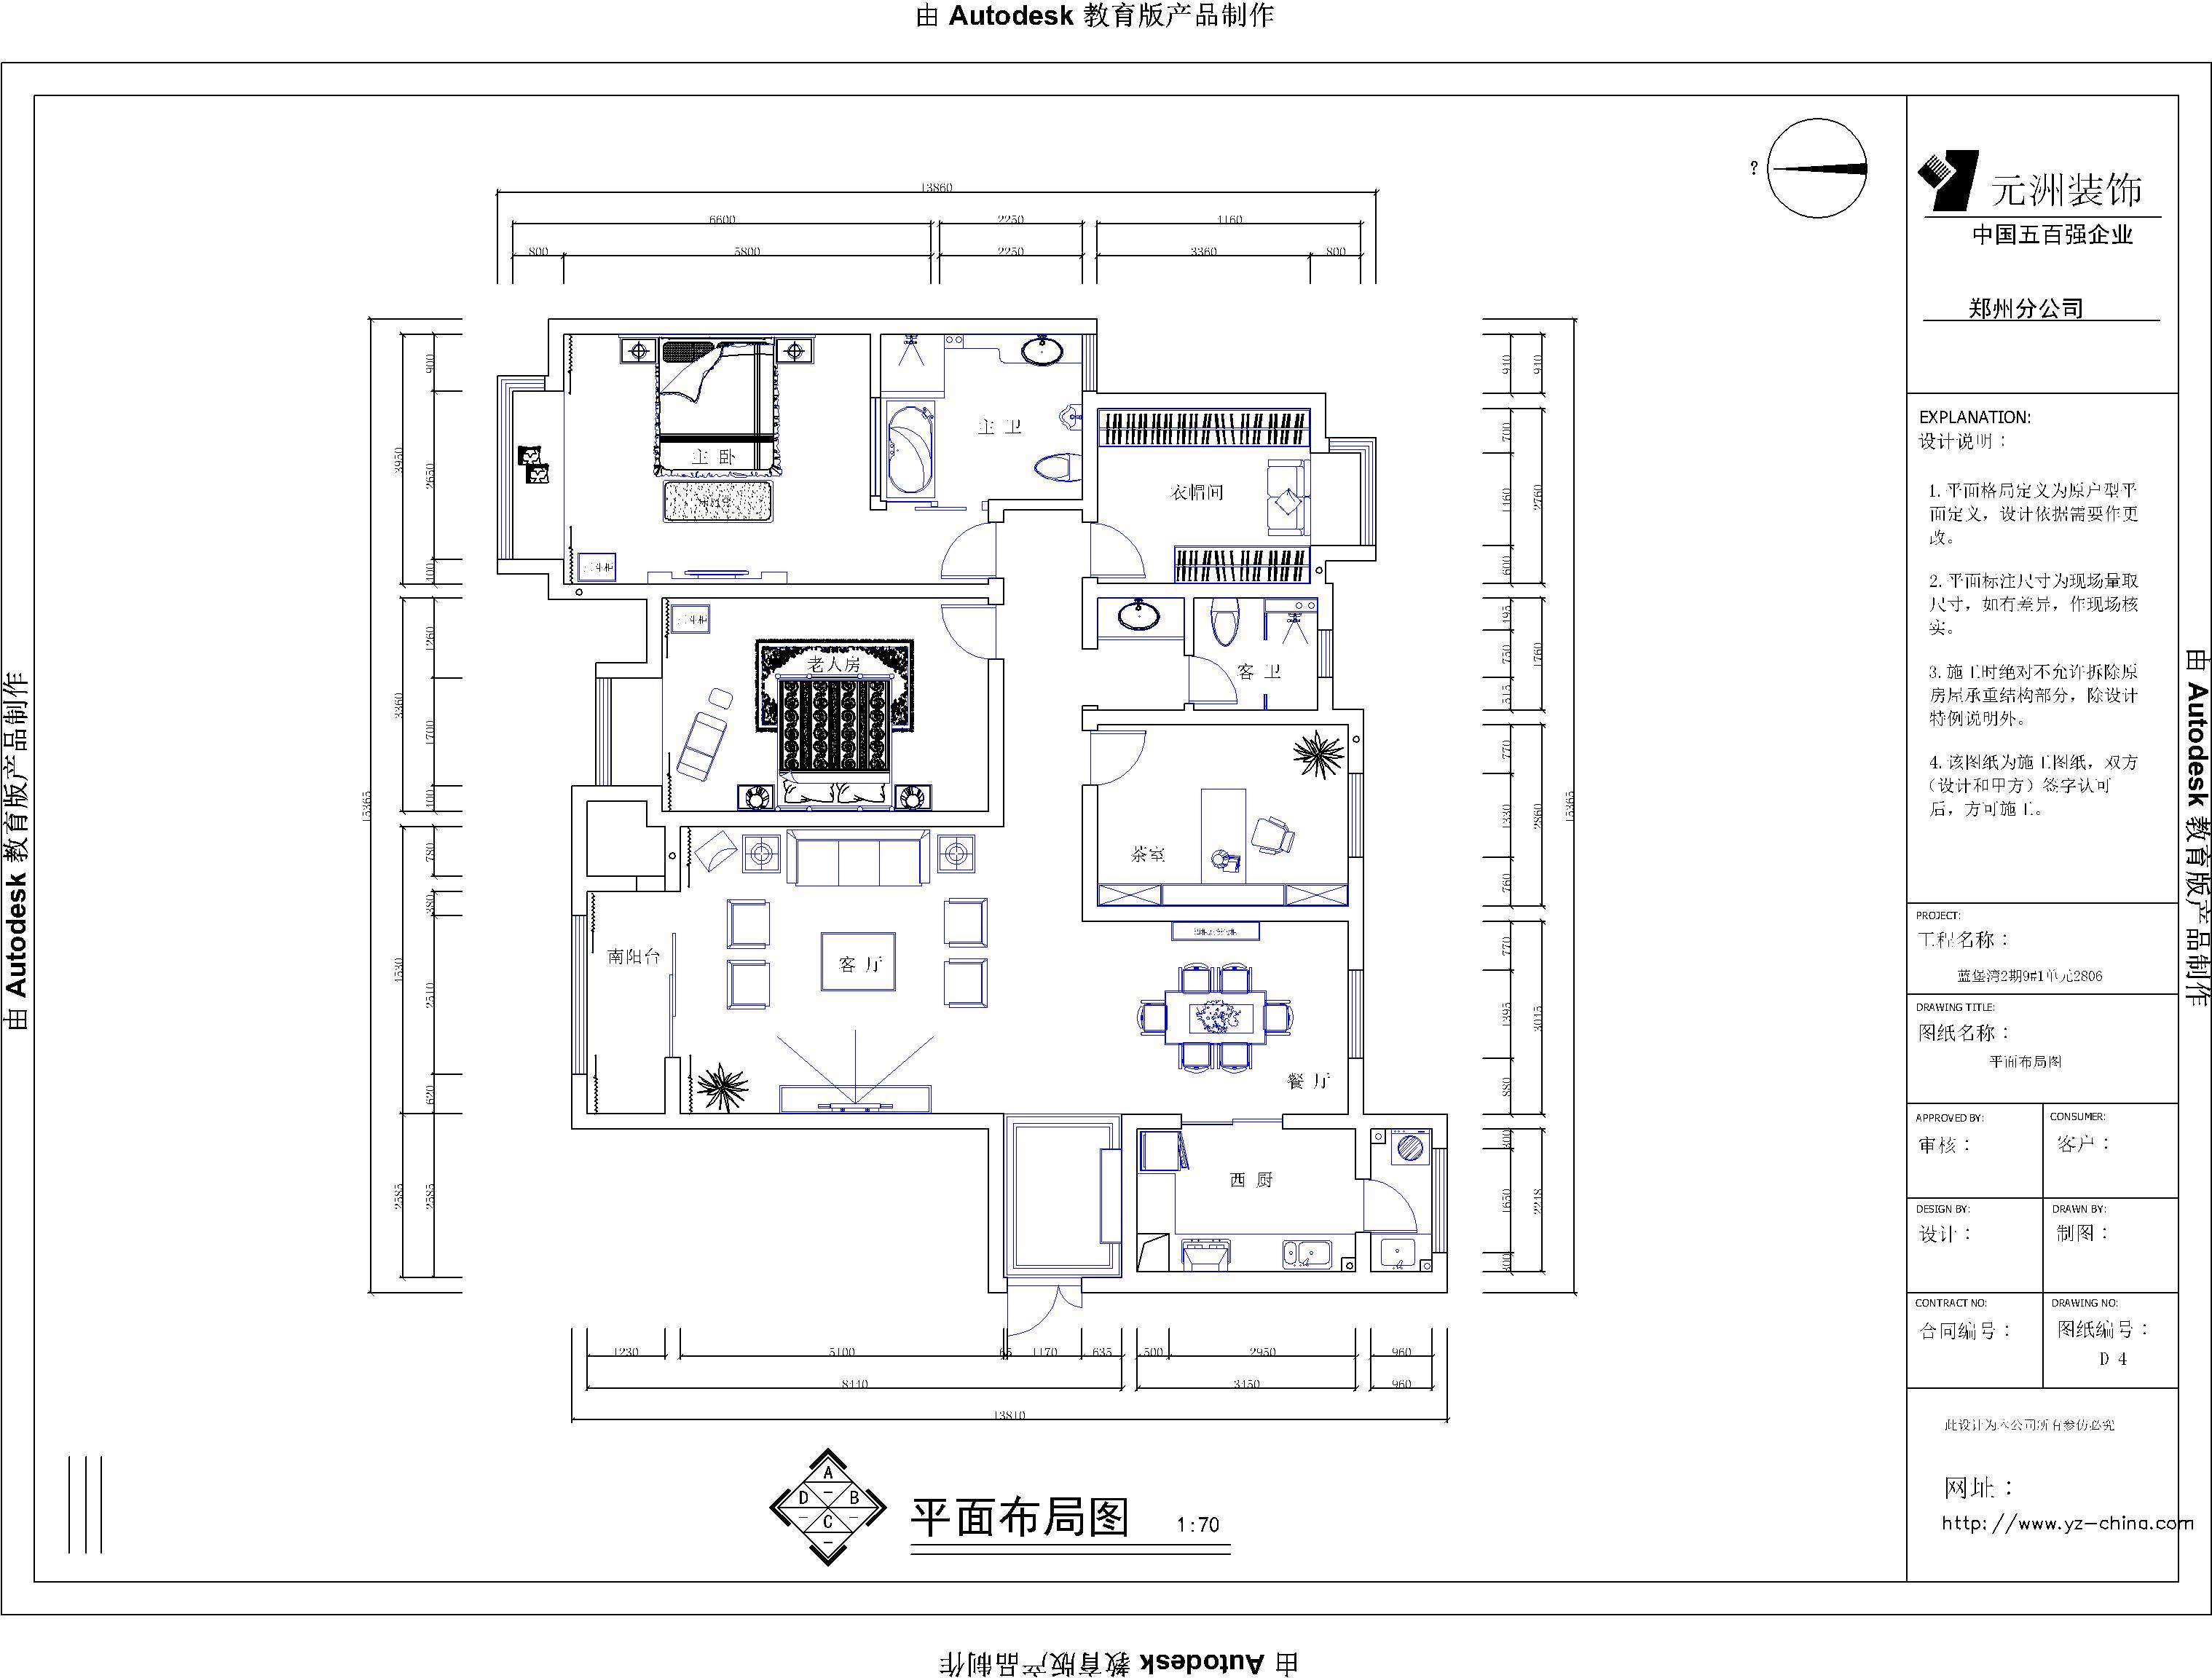 简约 欧式 田园 混搭 二居 三居 别墅 白领 旧房改造 户型图图片来自龙发专家设计师文敏红在蓝宝湾的分享